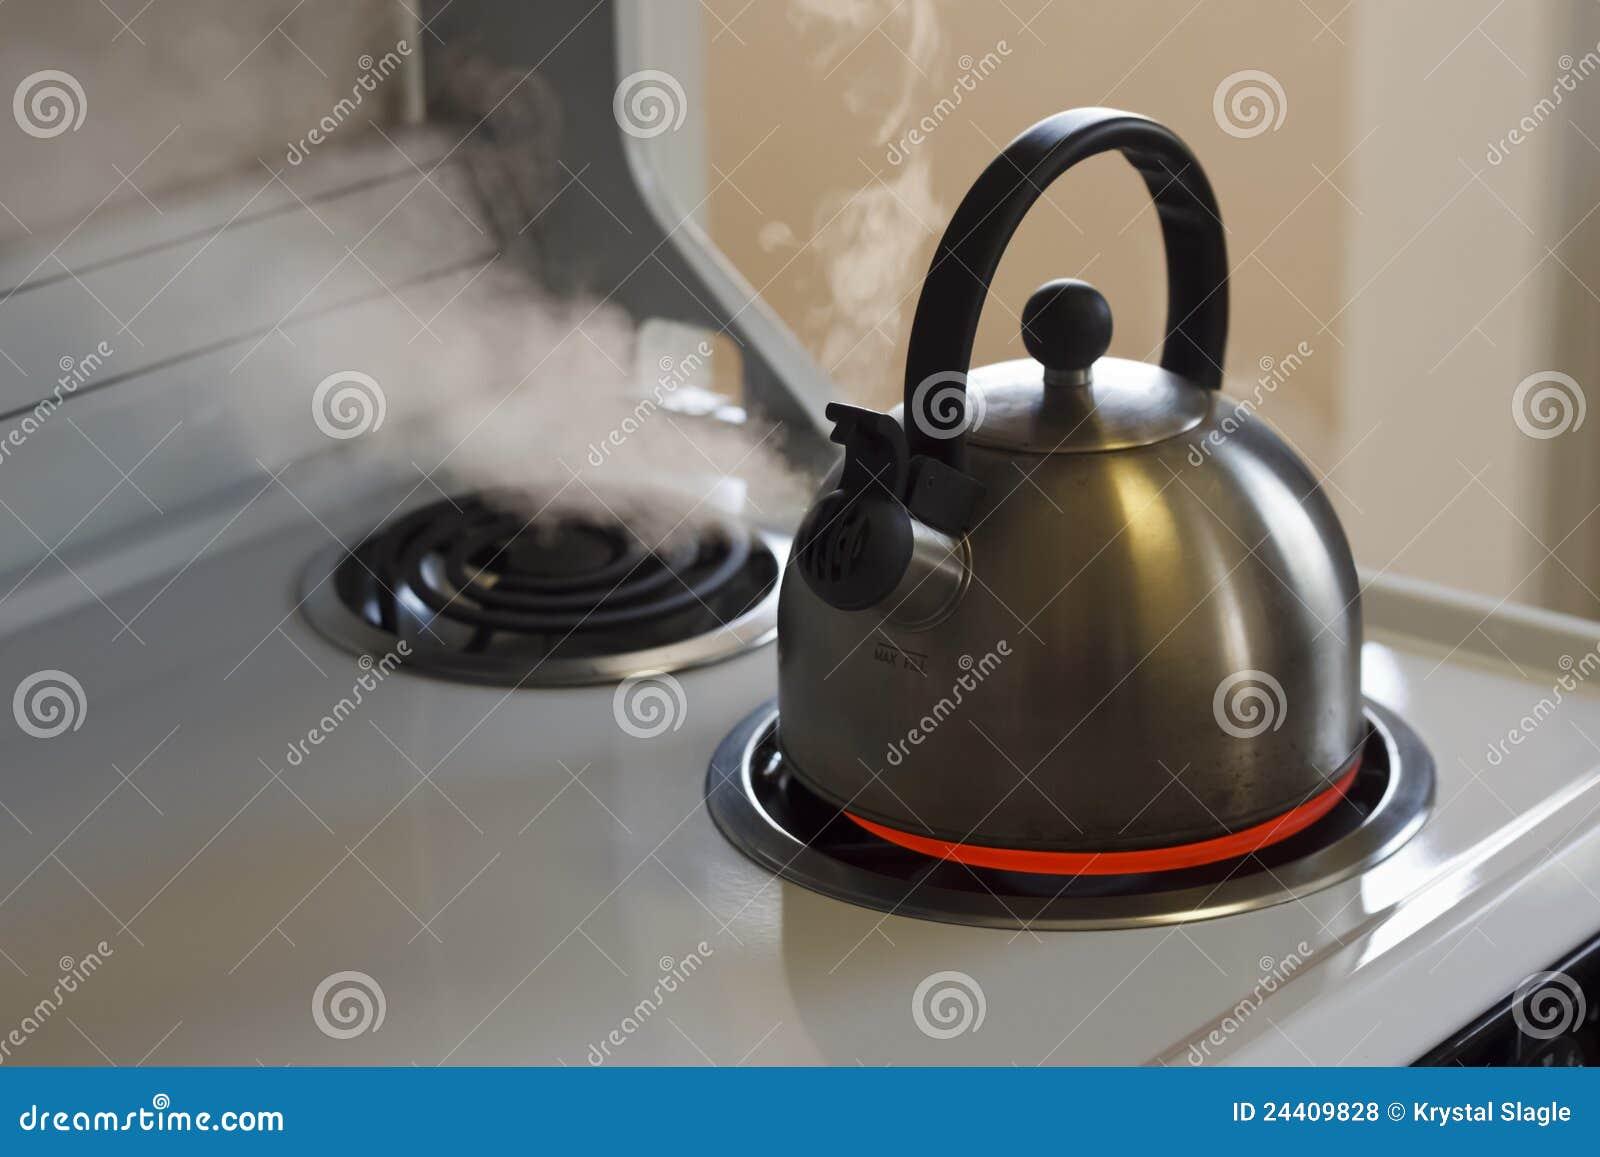 cuisson la vapeur de la bouilloire de th photo stock image du vapeur blanc 24409828. Black Bedroom Furniture Sets. Home Design Ideas